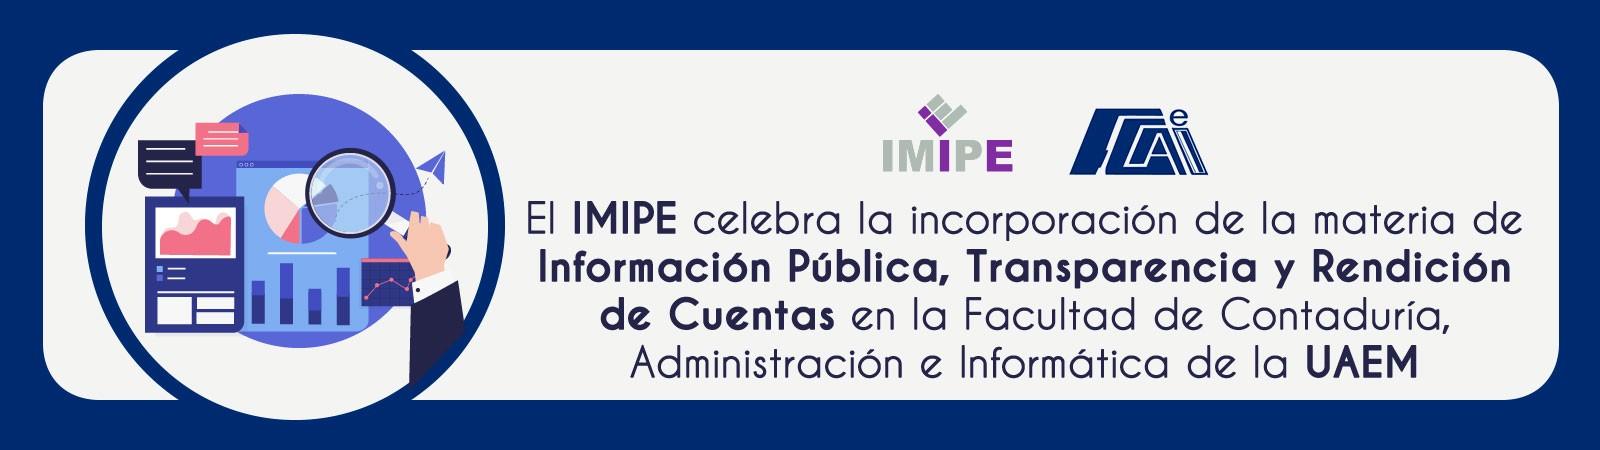 Banner de celebración por la incorporación de la materia de transparencia en FCAeI